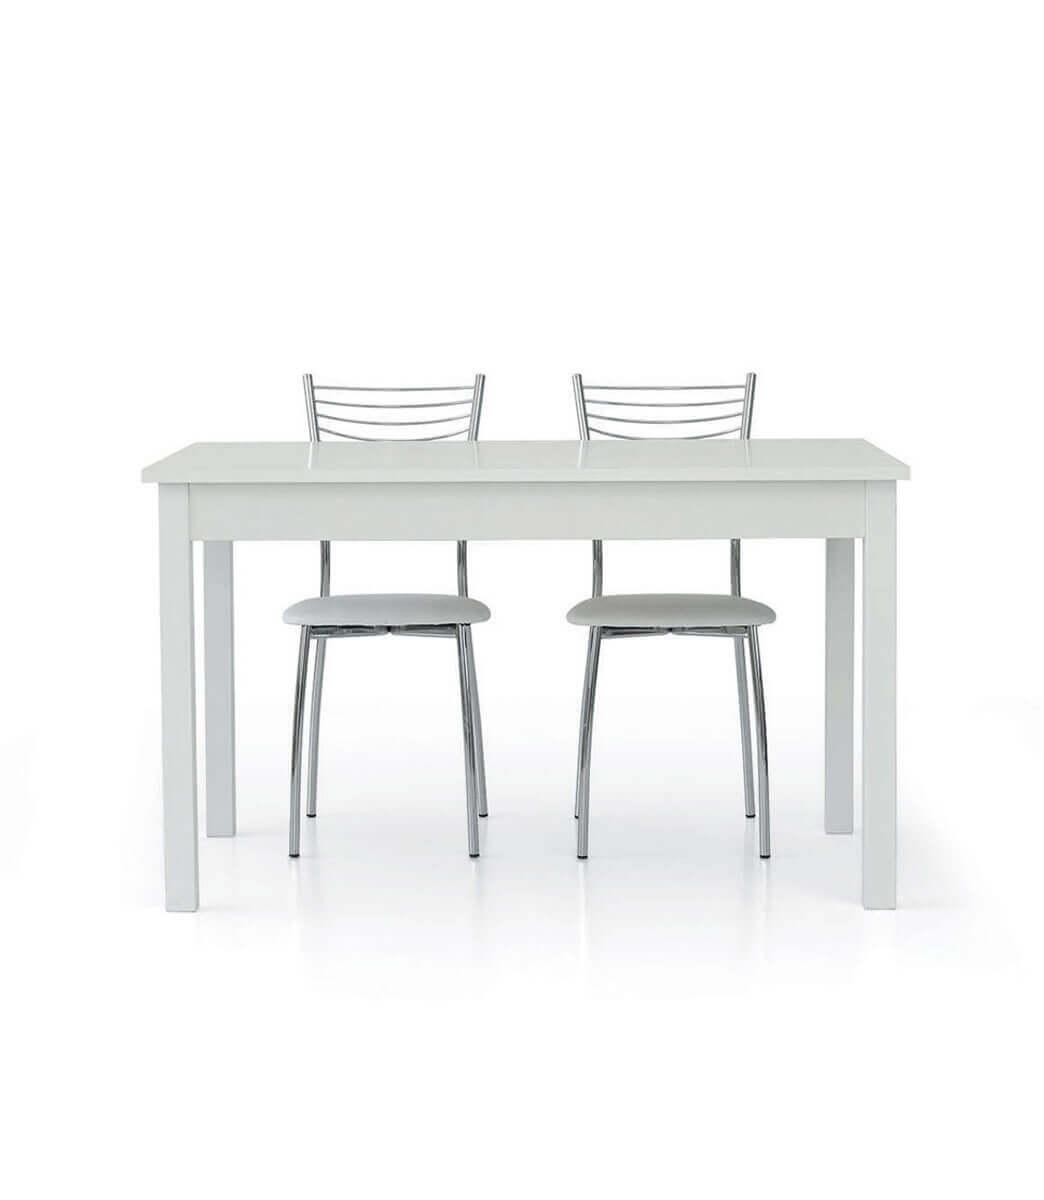 Misure Tavolo Da 6 Rettangolare.Tavolo In Lengo Rettangolare Allungabile Bianco 6 10 Persone